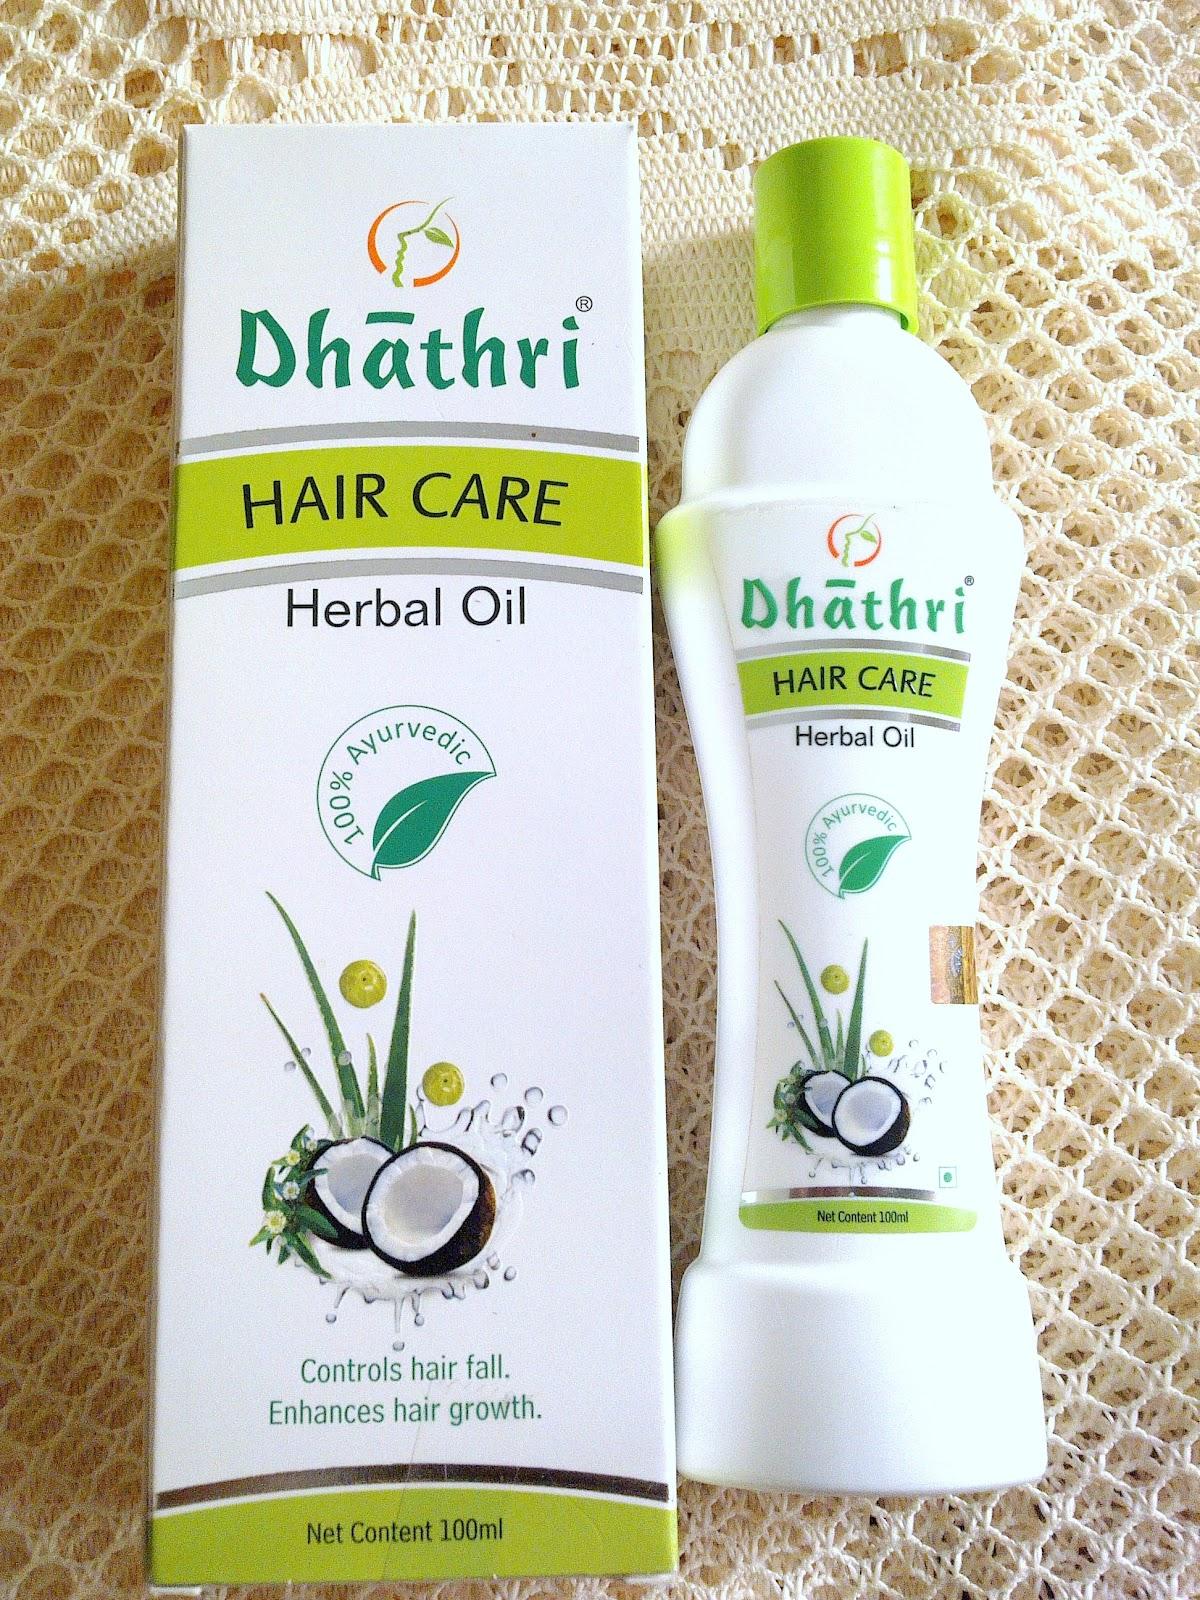 how to use dhathri hair oil